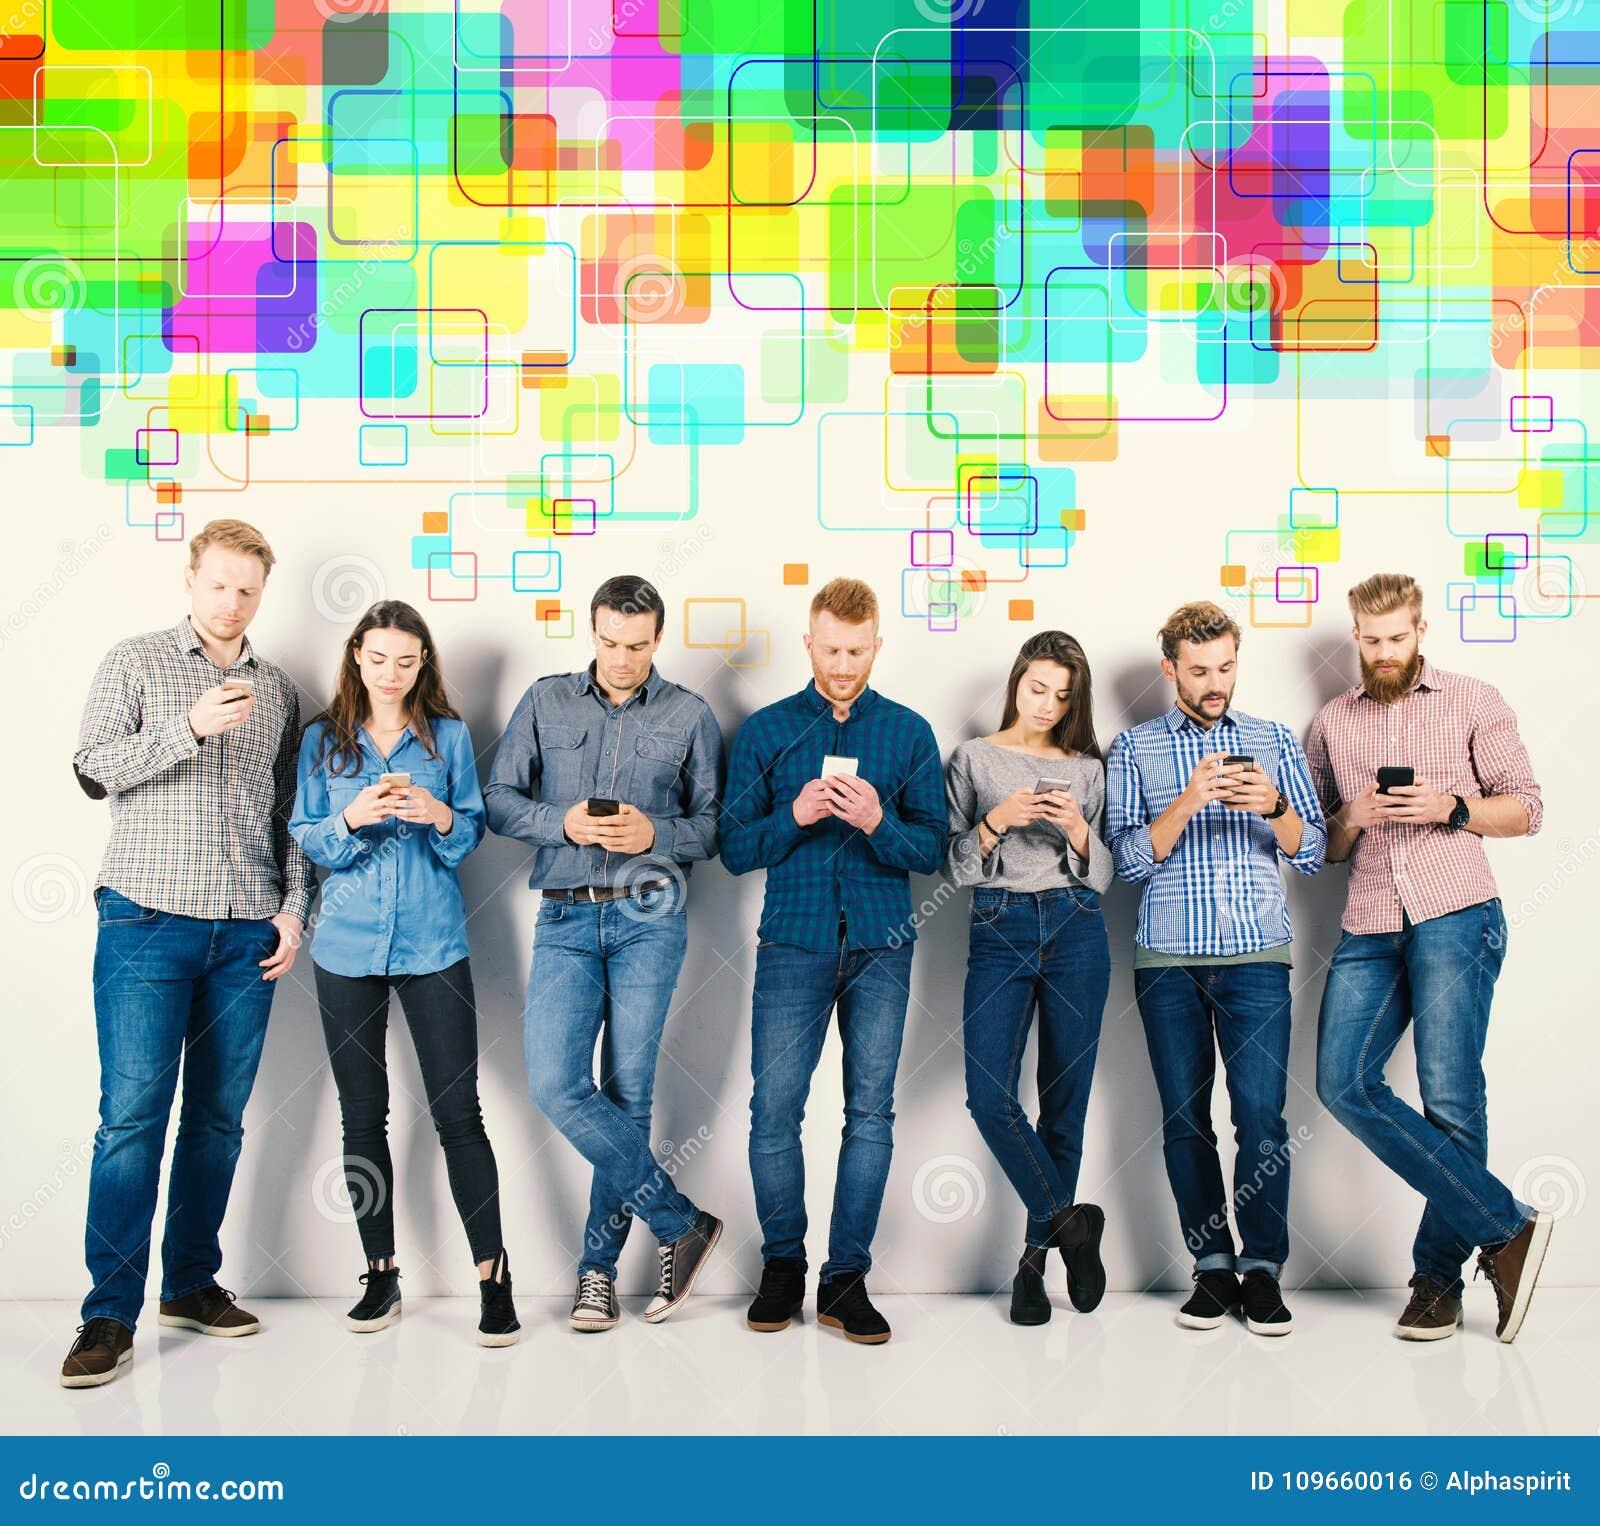 Groep jongens en meisjes aan hun smartphones worden verbonden die Concept Internet en sociaal netwerk